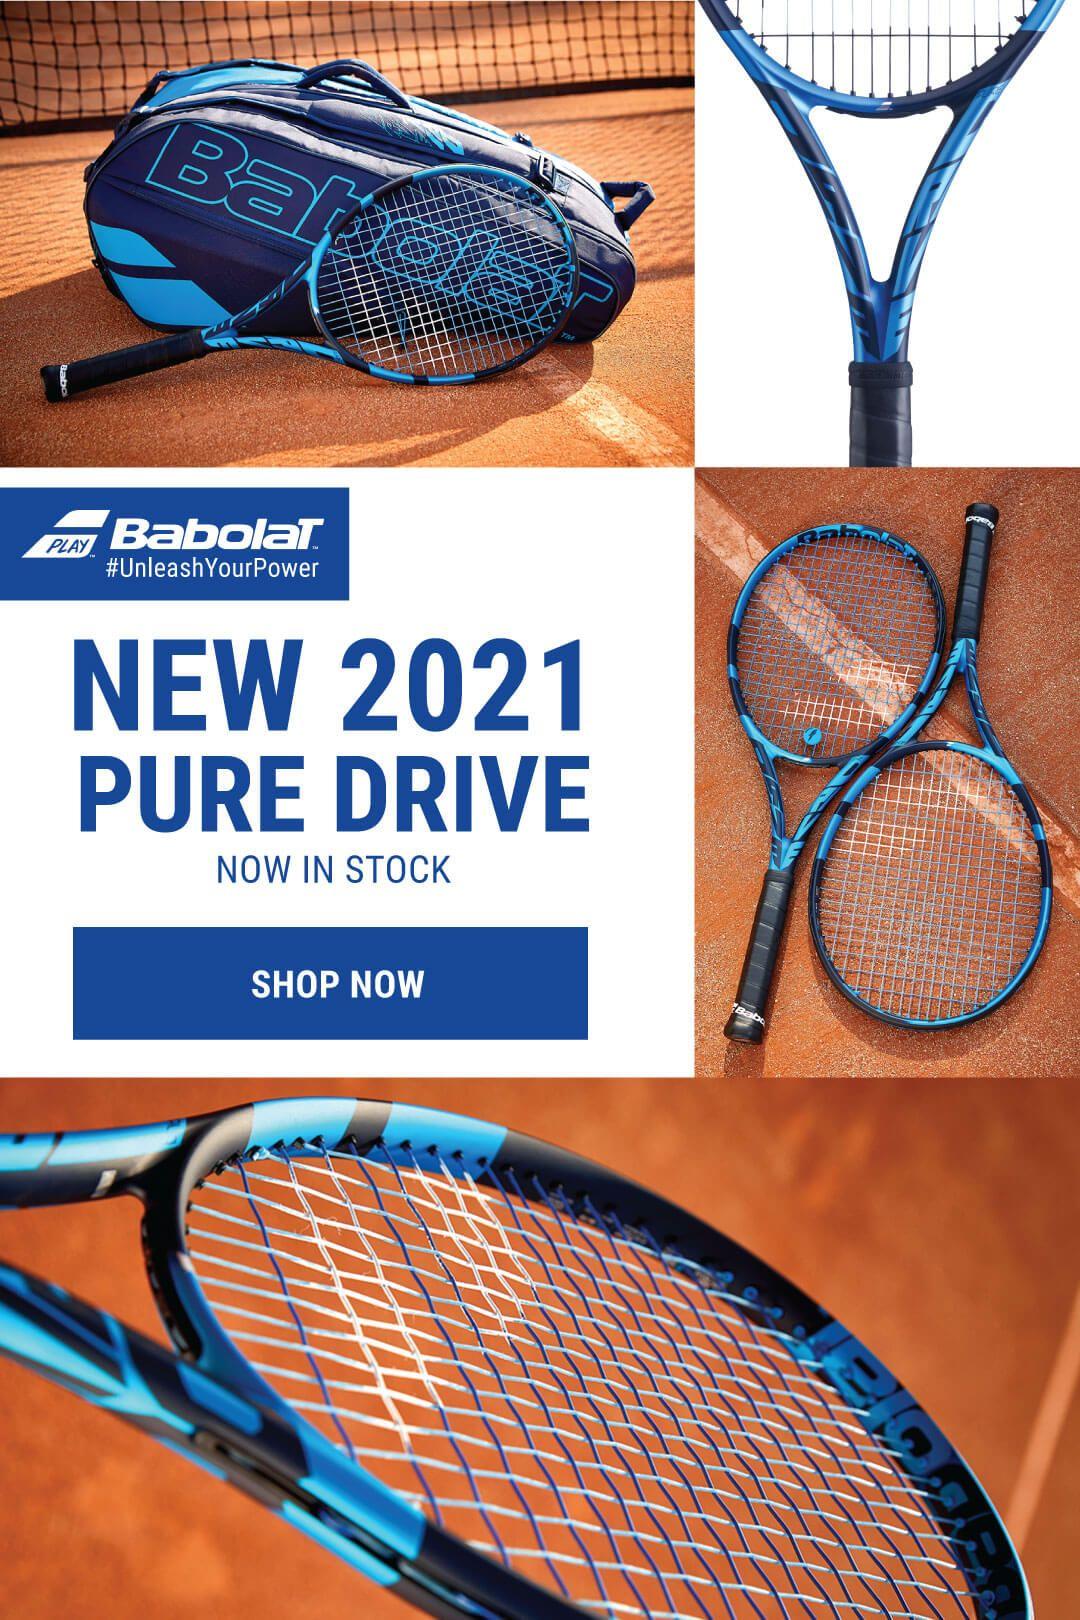 Babolat 20201 Pure Drive